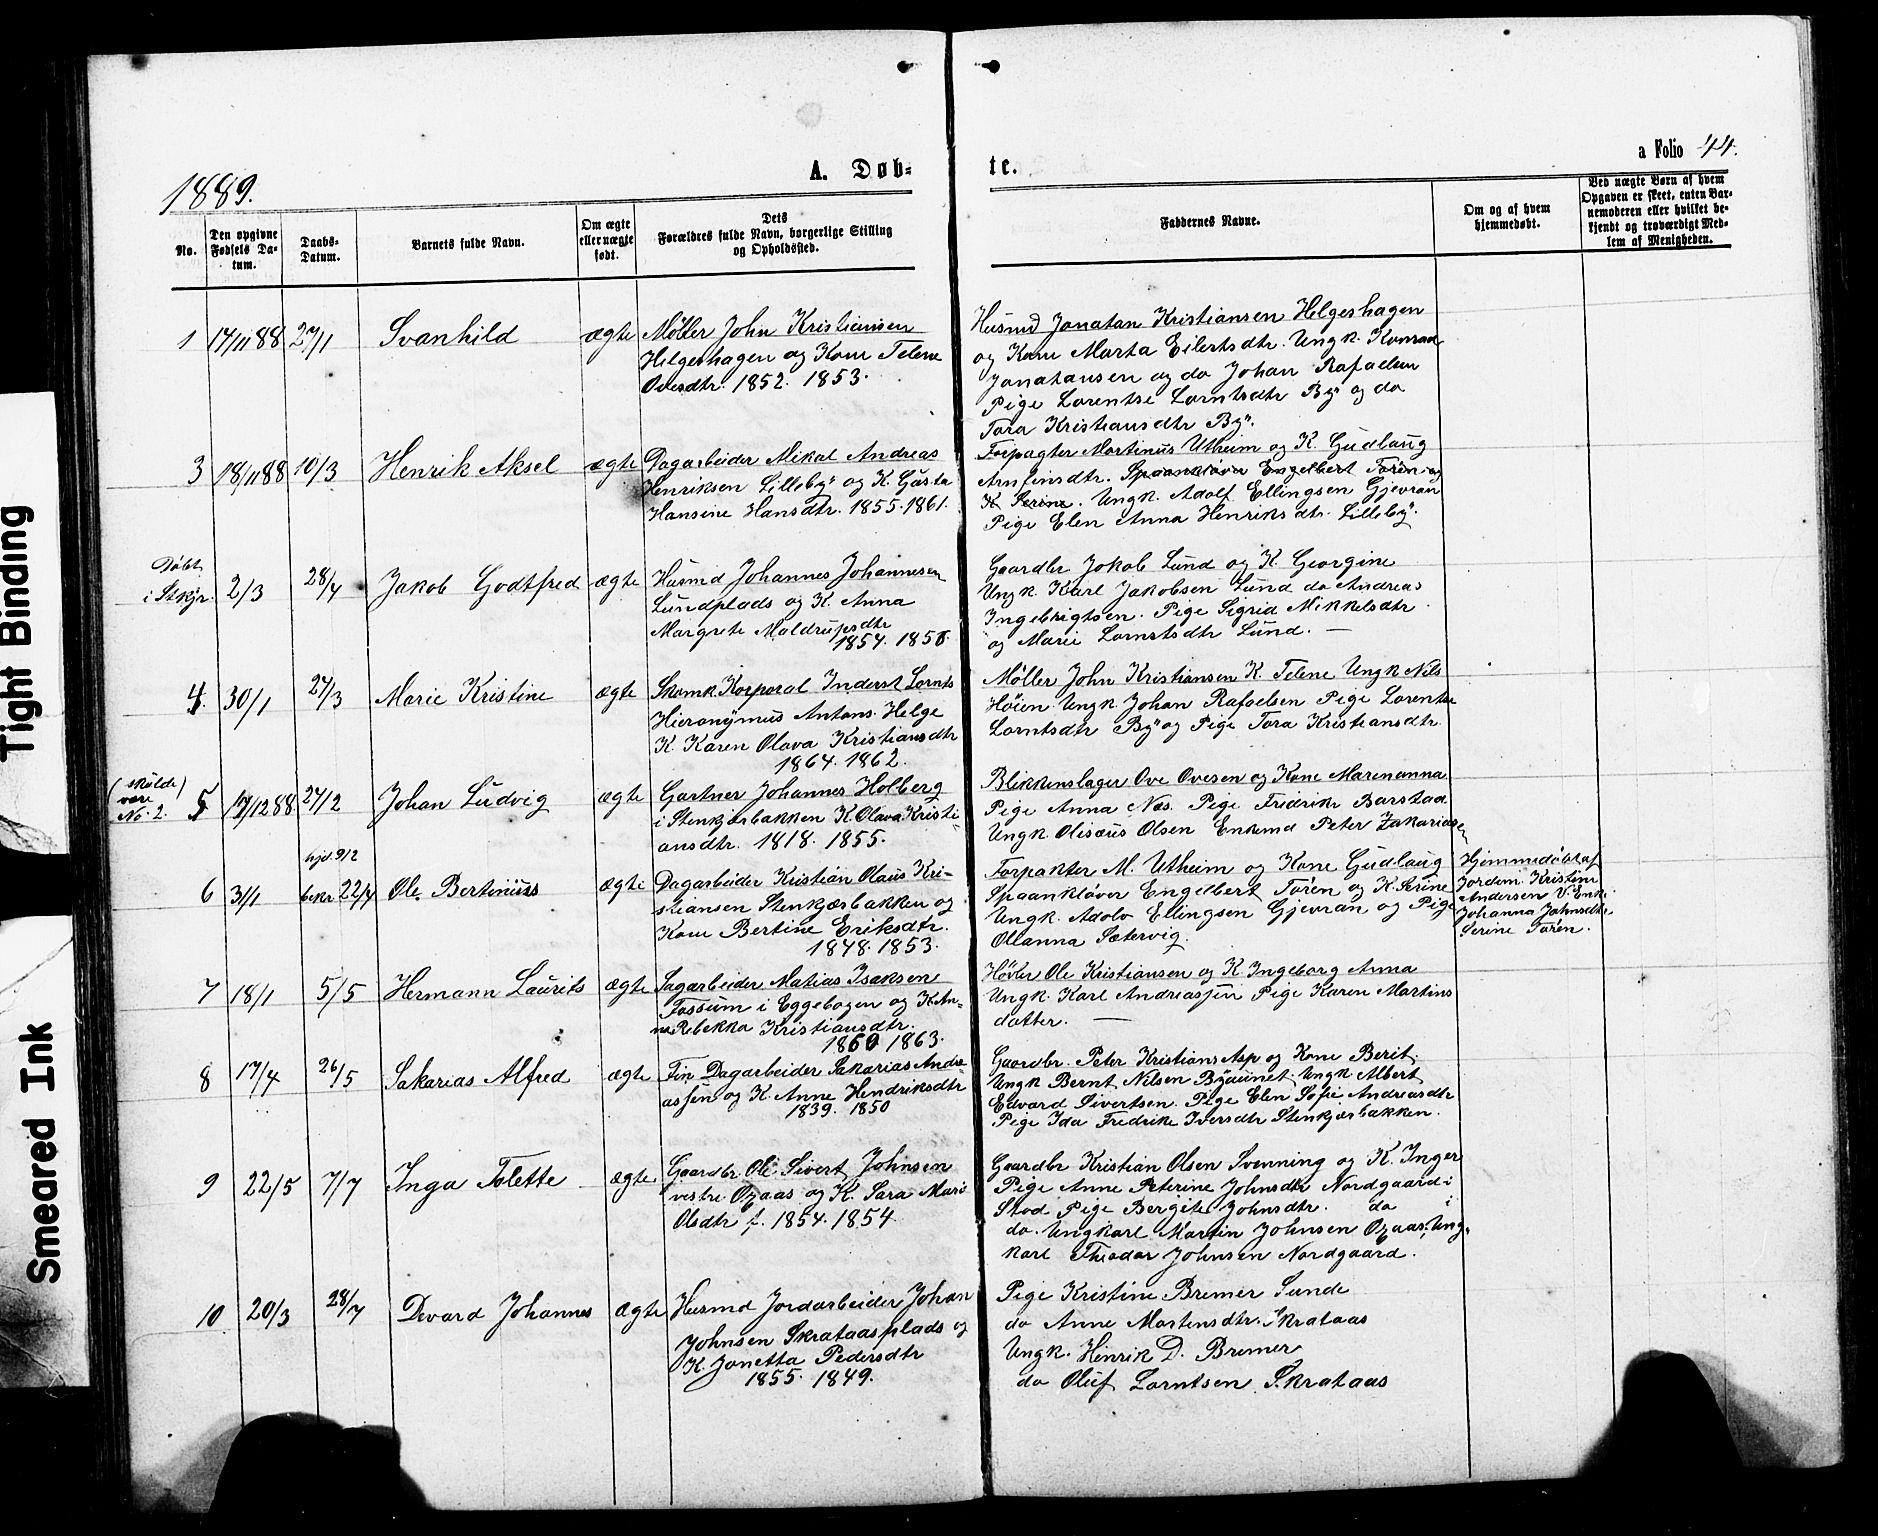 SAT, Ministerialprotokoller, klokkerbøker og fødselsregistre - Nord-Trøndelag, 740/L0380: Klokkerbok nr. 740C01, 1868-1902, s. 44